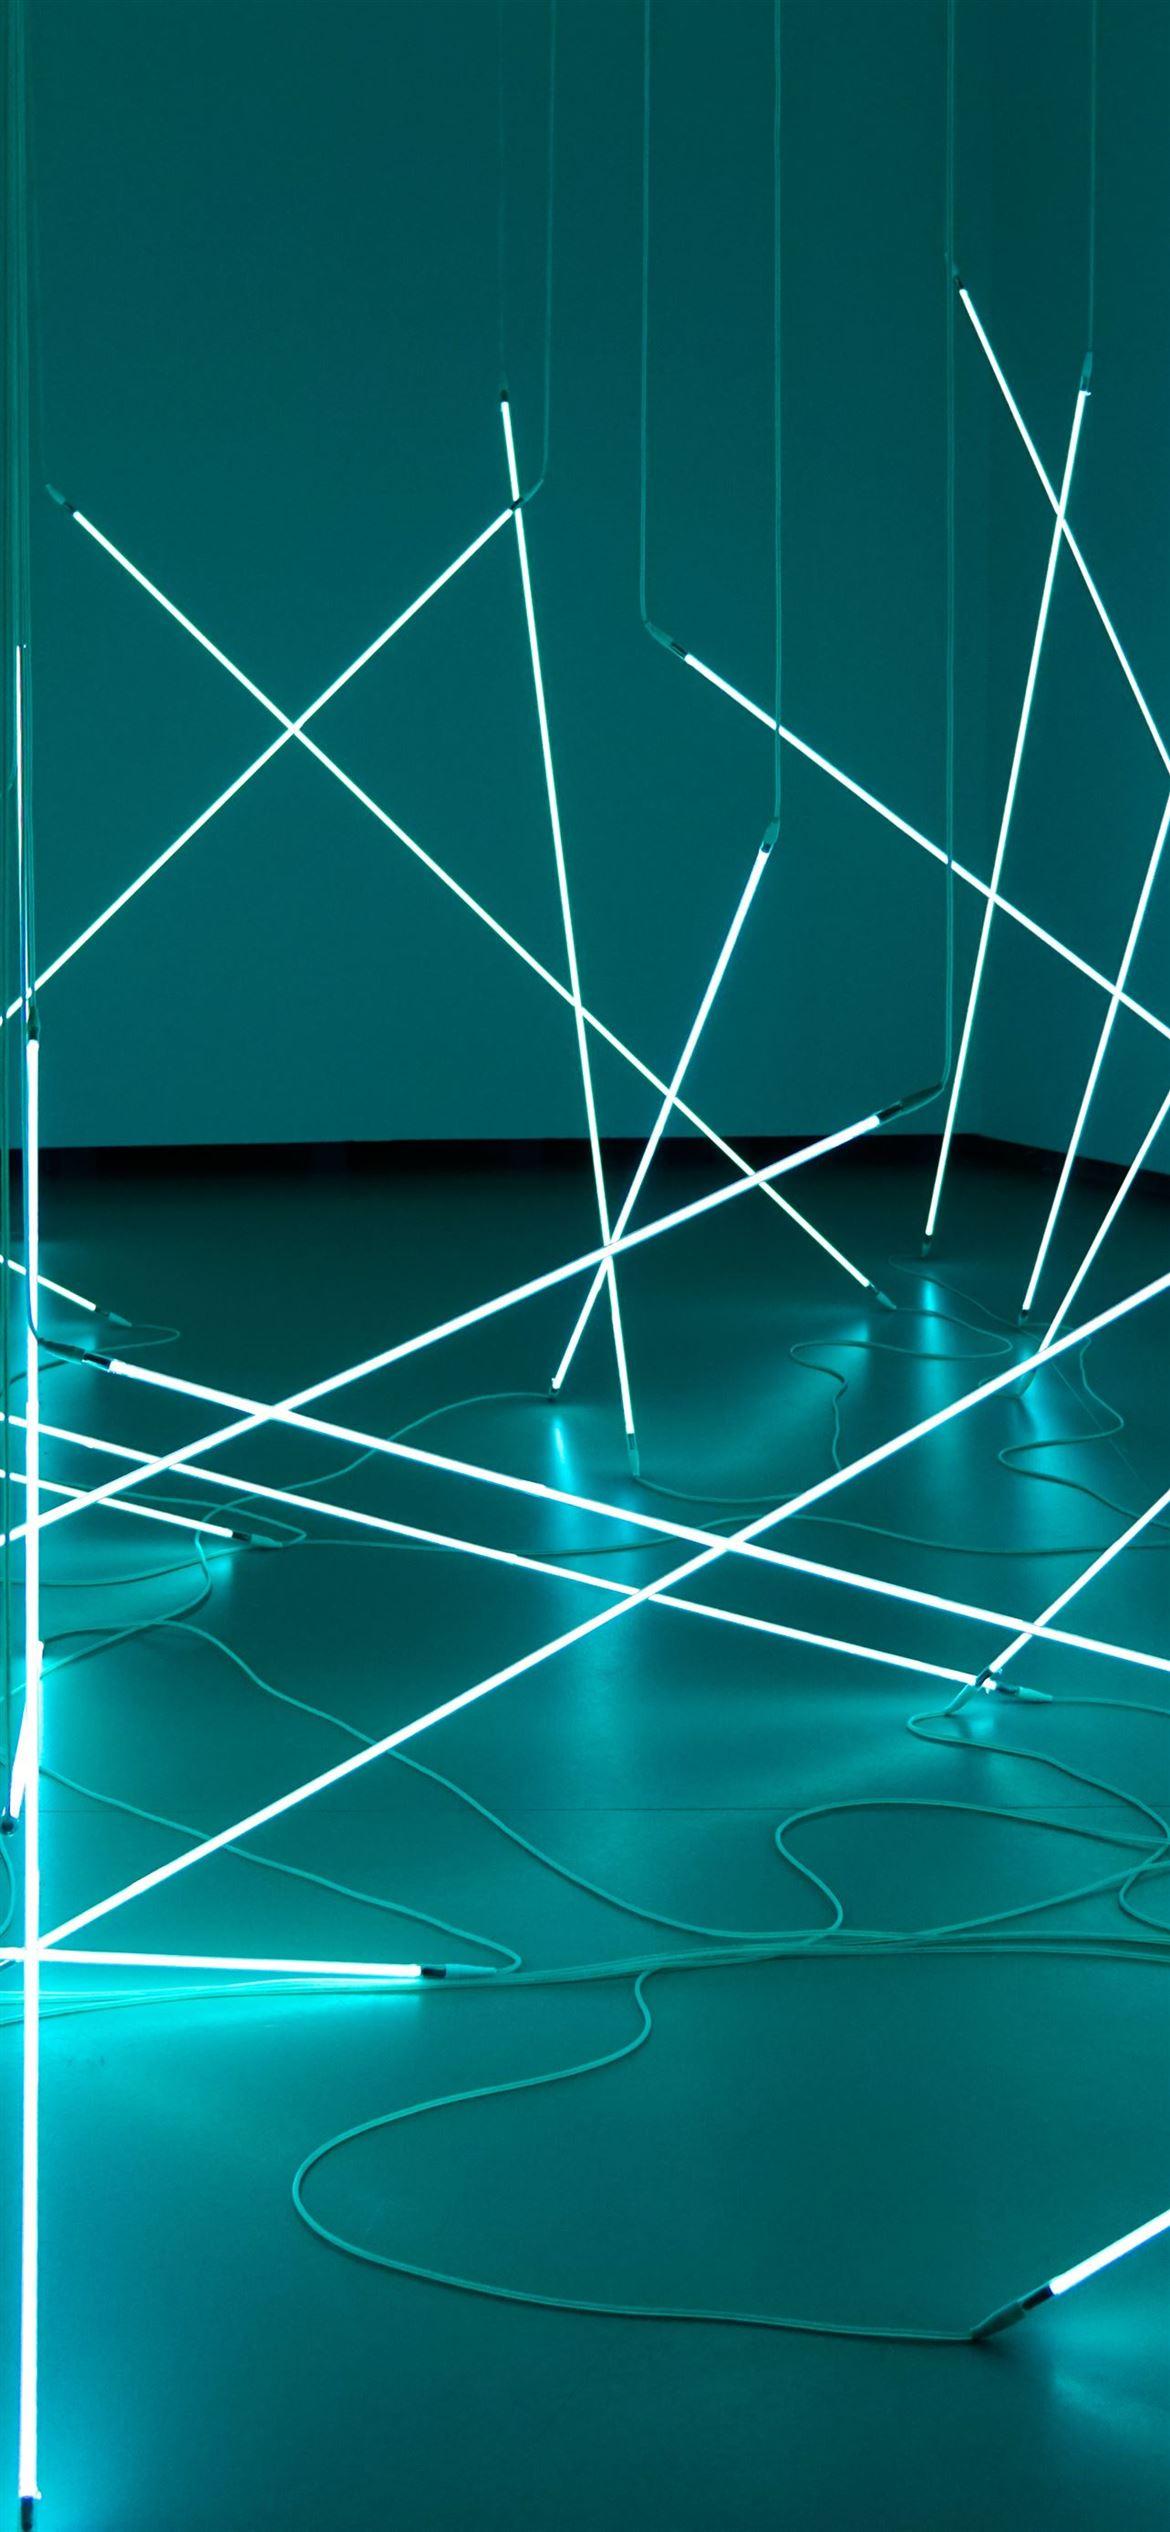 Best Neon Iphone 12 Hd Wallpapers Ilikewallpaper